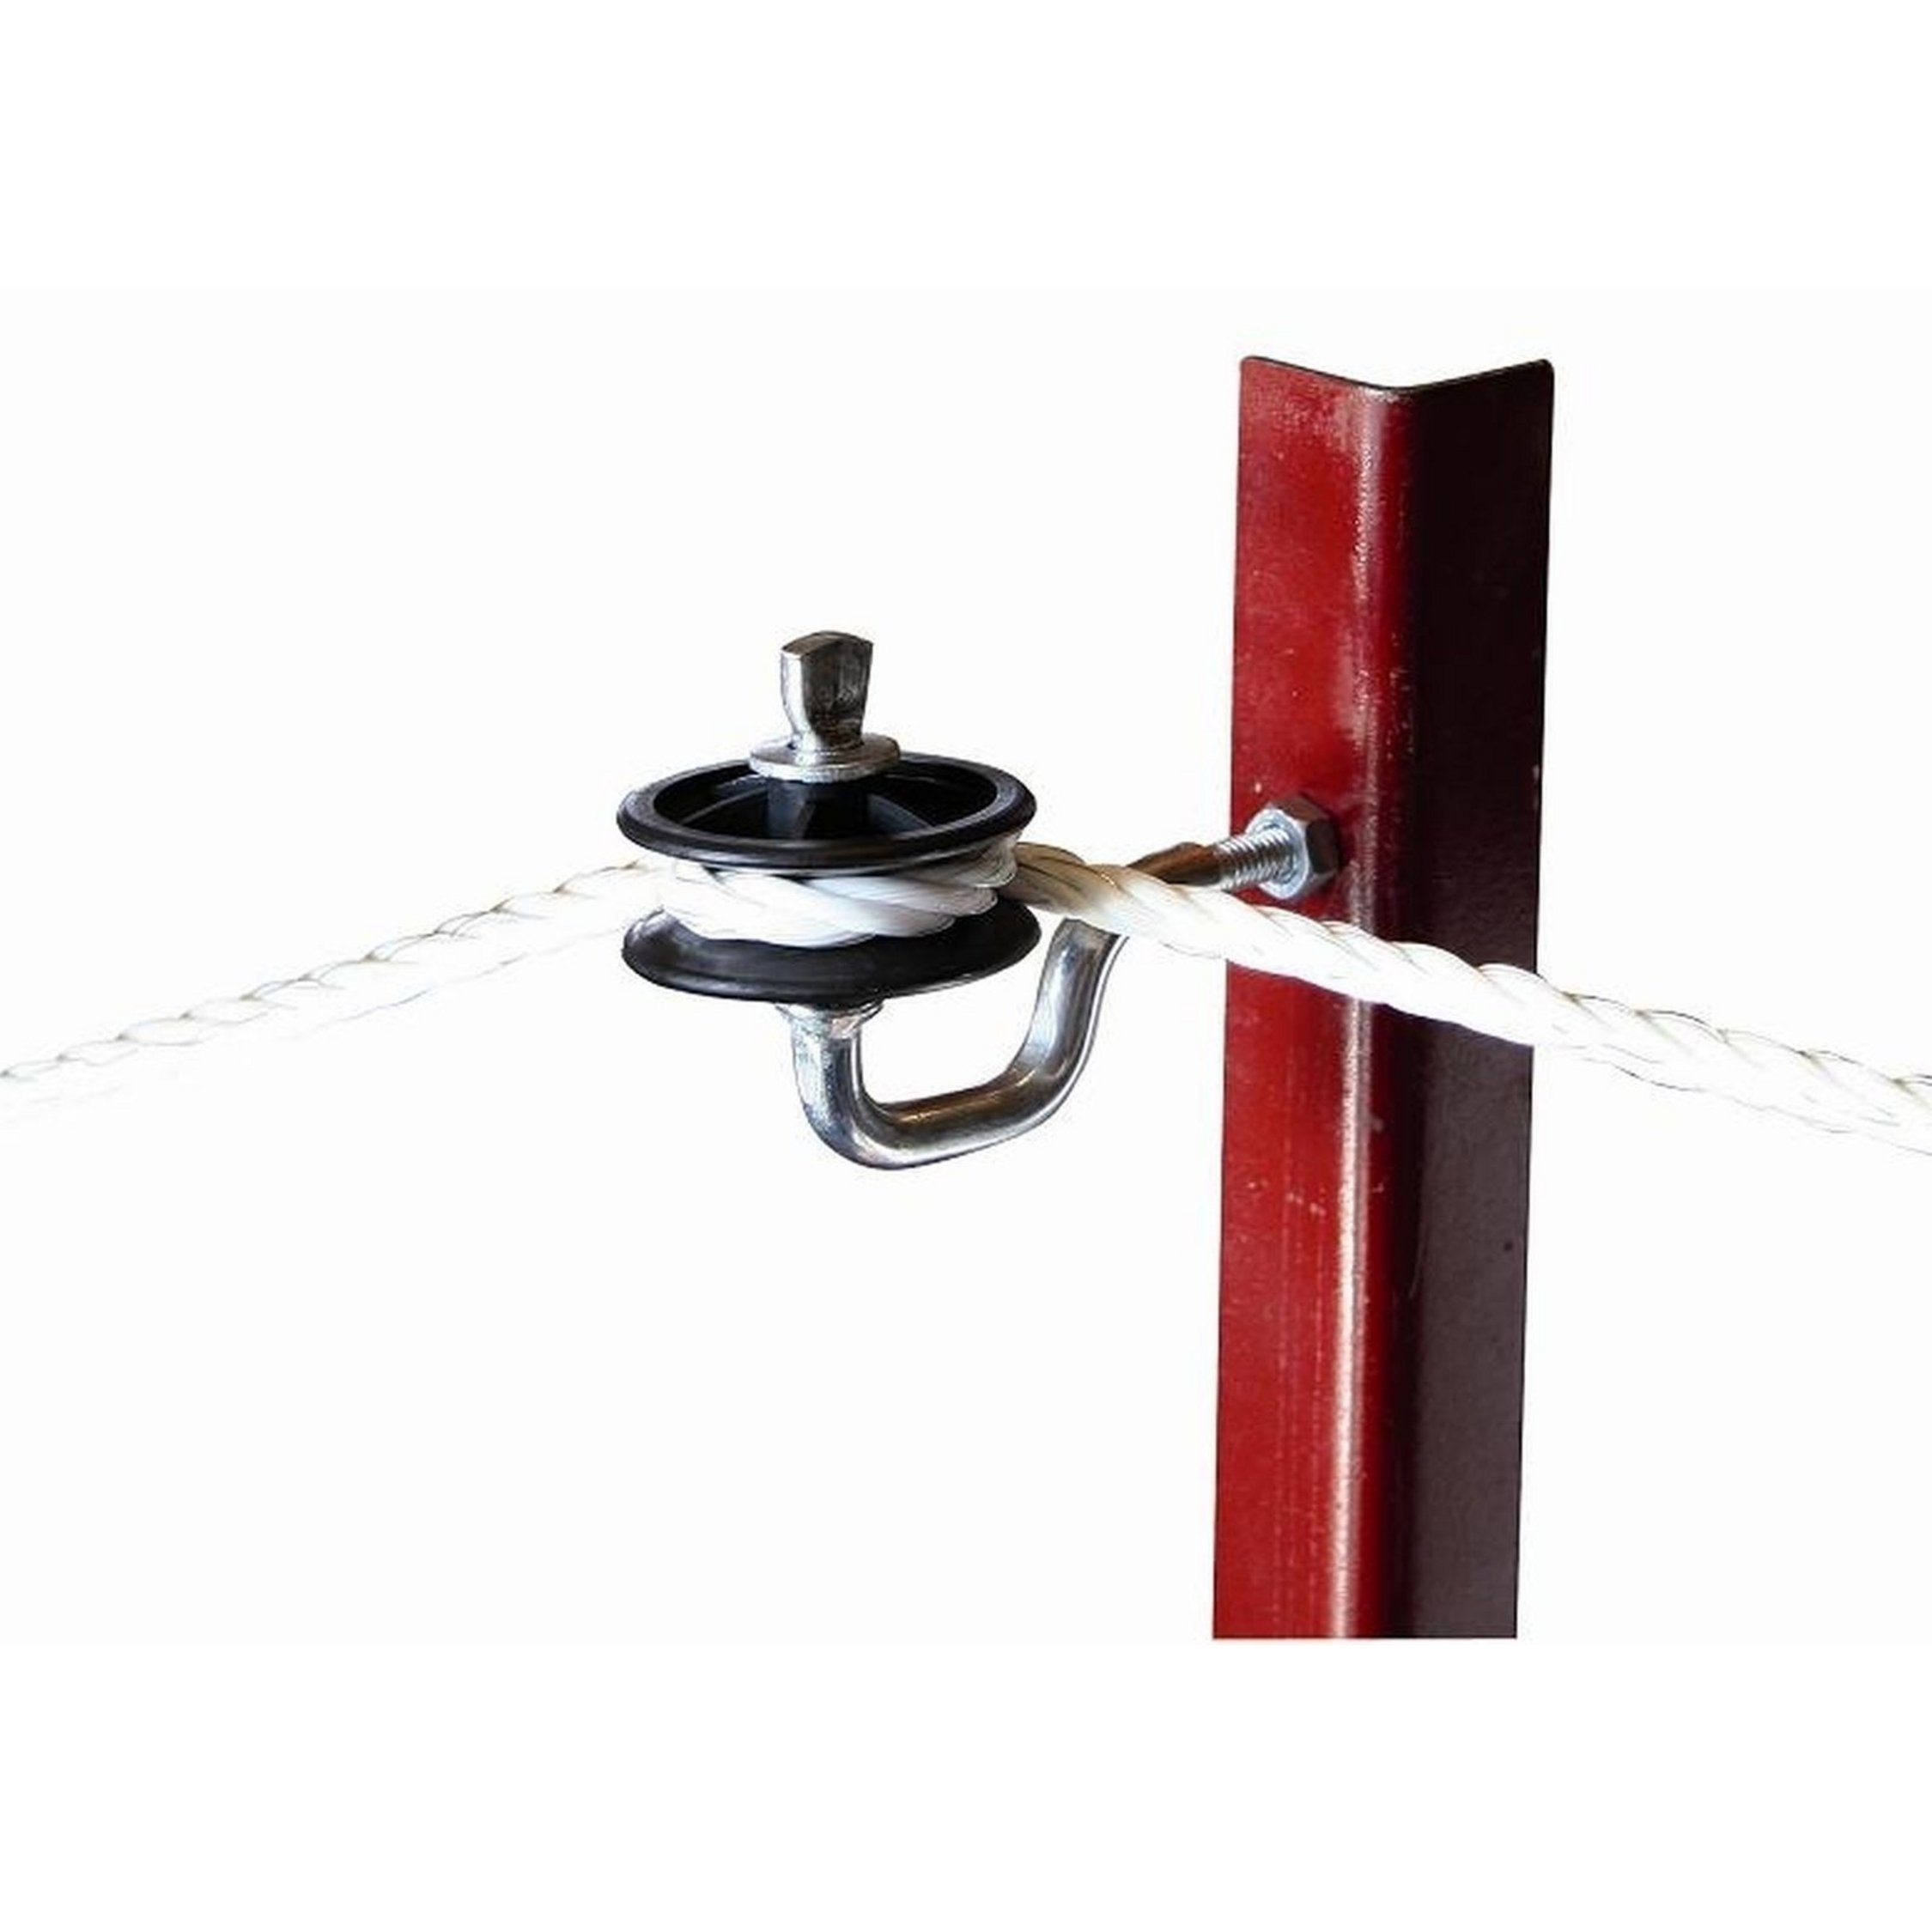 Eckrolle mit metrischem Gewinde 5 Stück